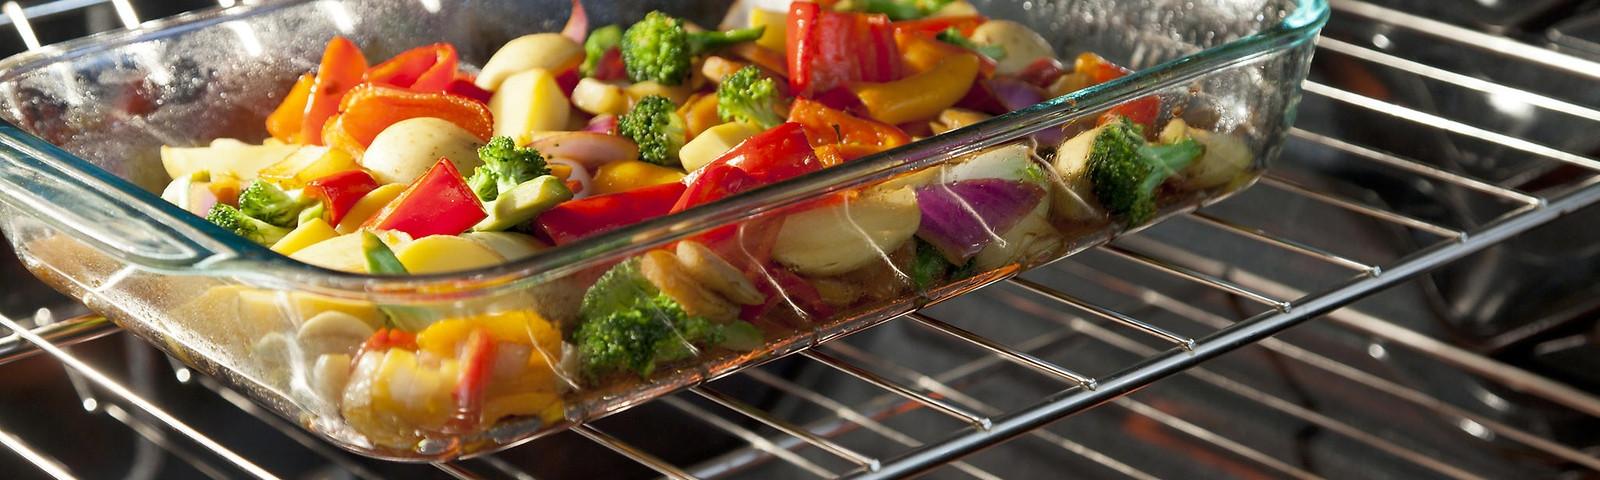 стеклянная посуда в духовку фото